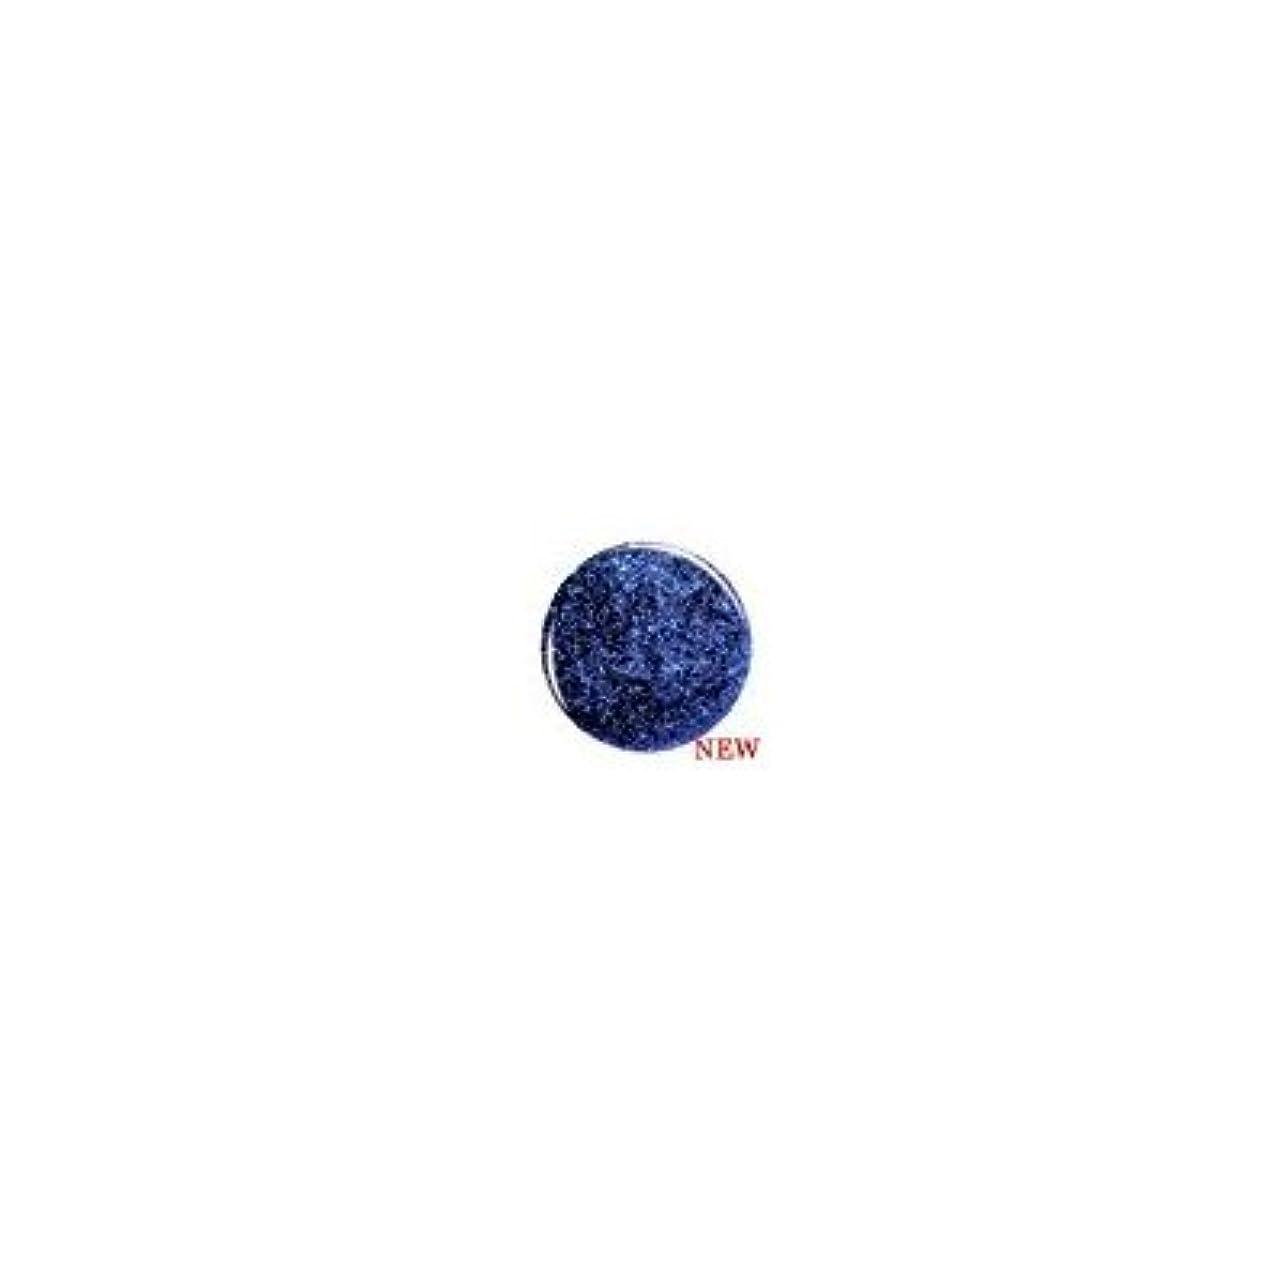 発掘する格納アームストロングジェレレーション カラー969G